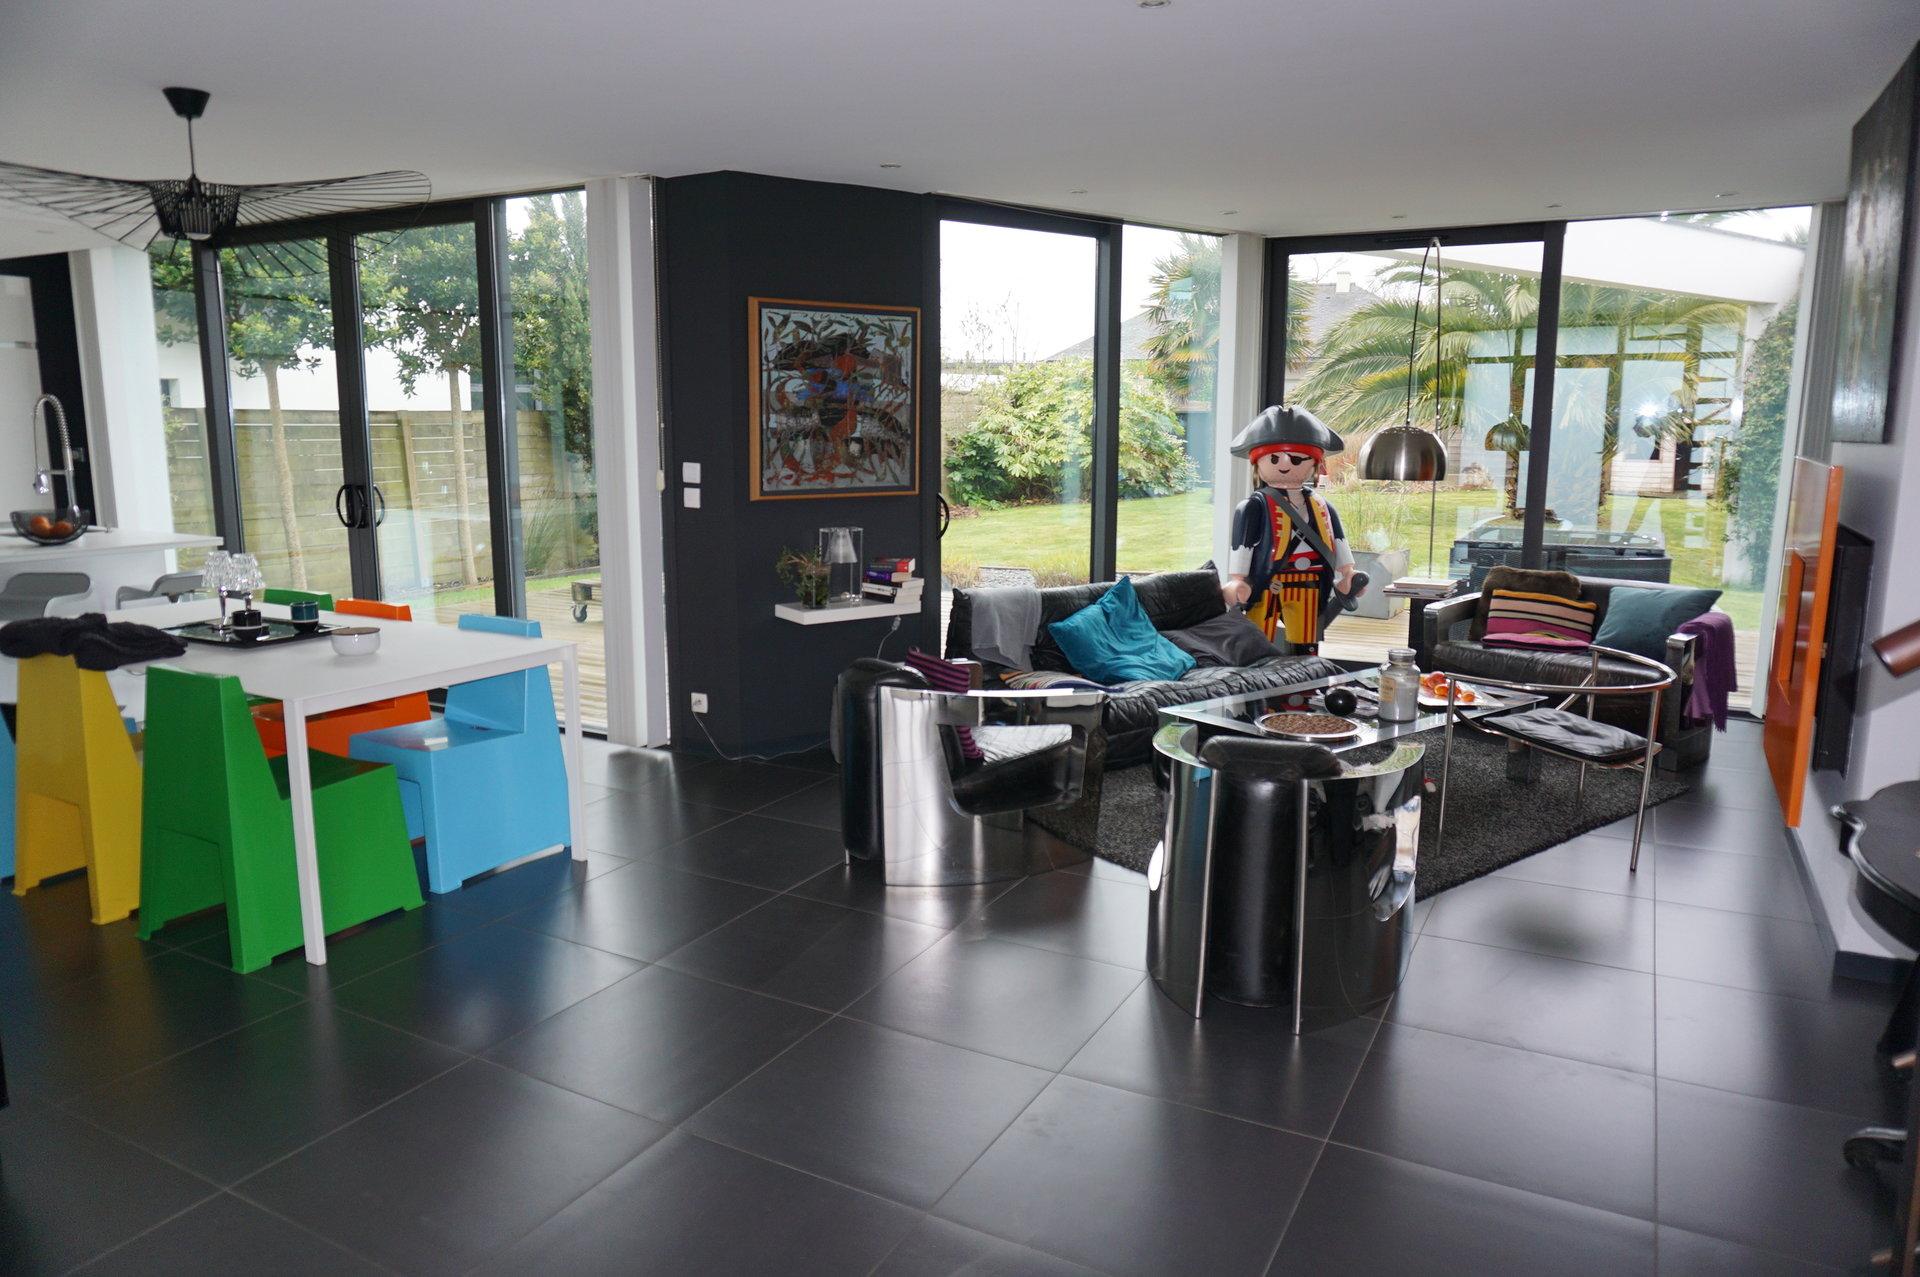 EXCLUSIVITÉ - MOULIN BLANC - SUPERBE MAISON D'ARCHITECTE